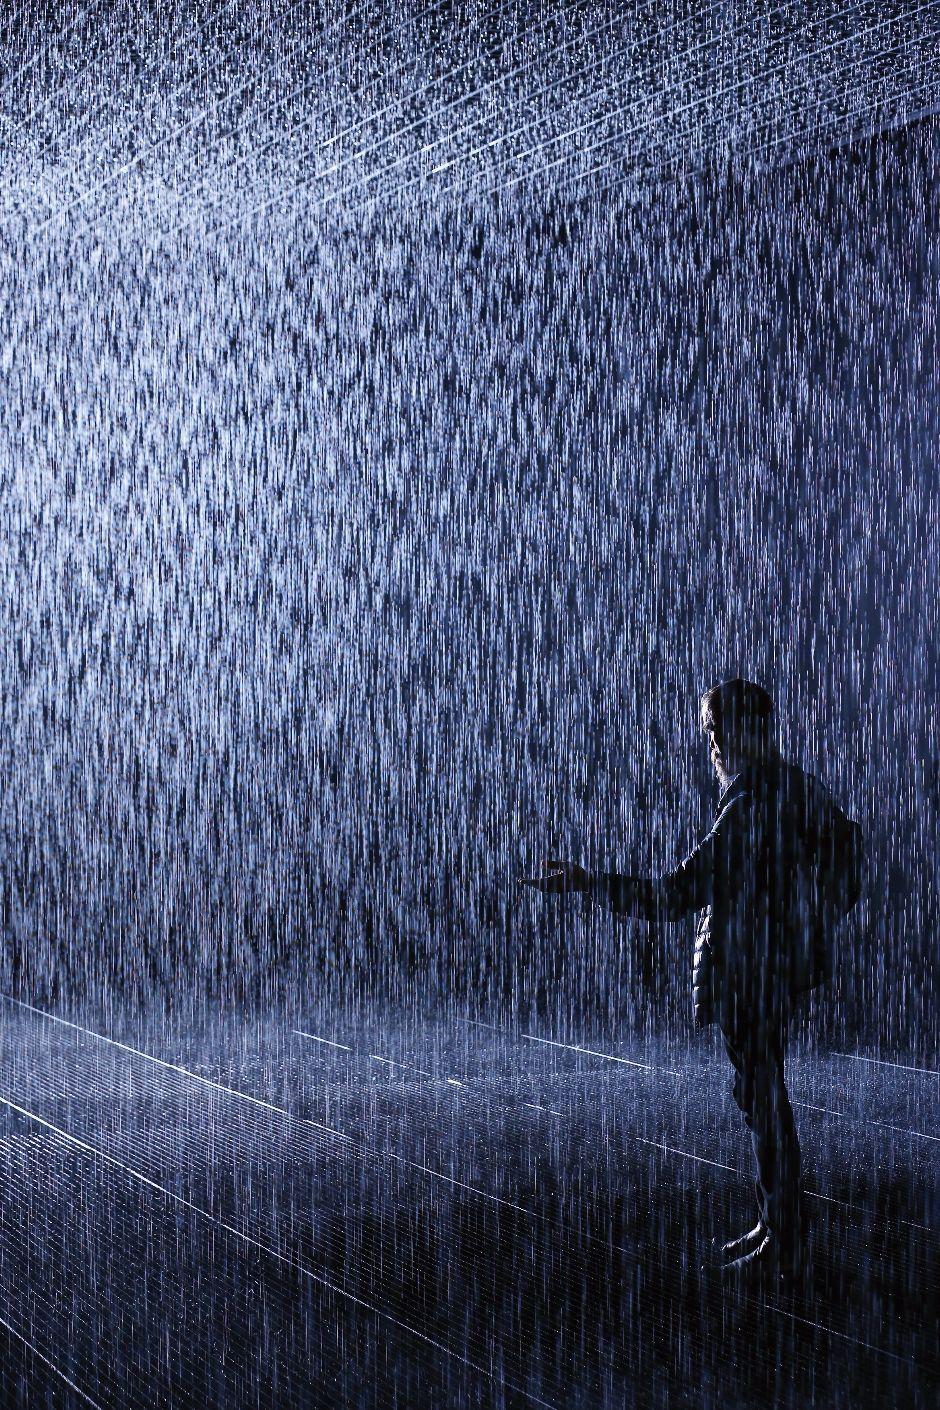 еще фото мужчина идущий под дождем будем